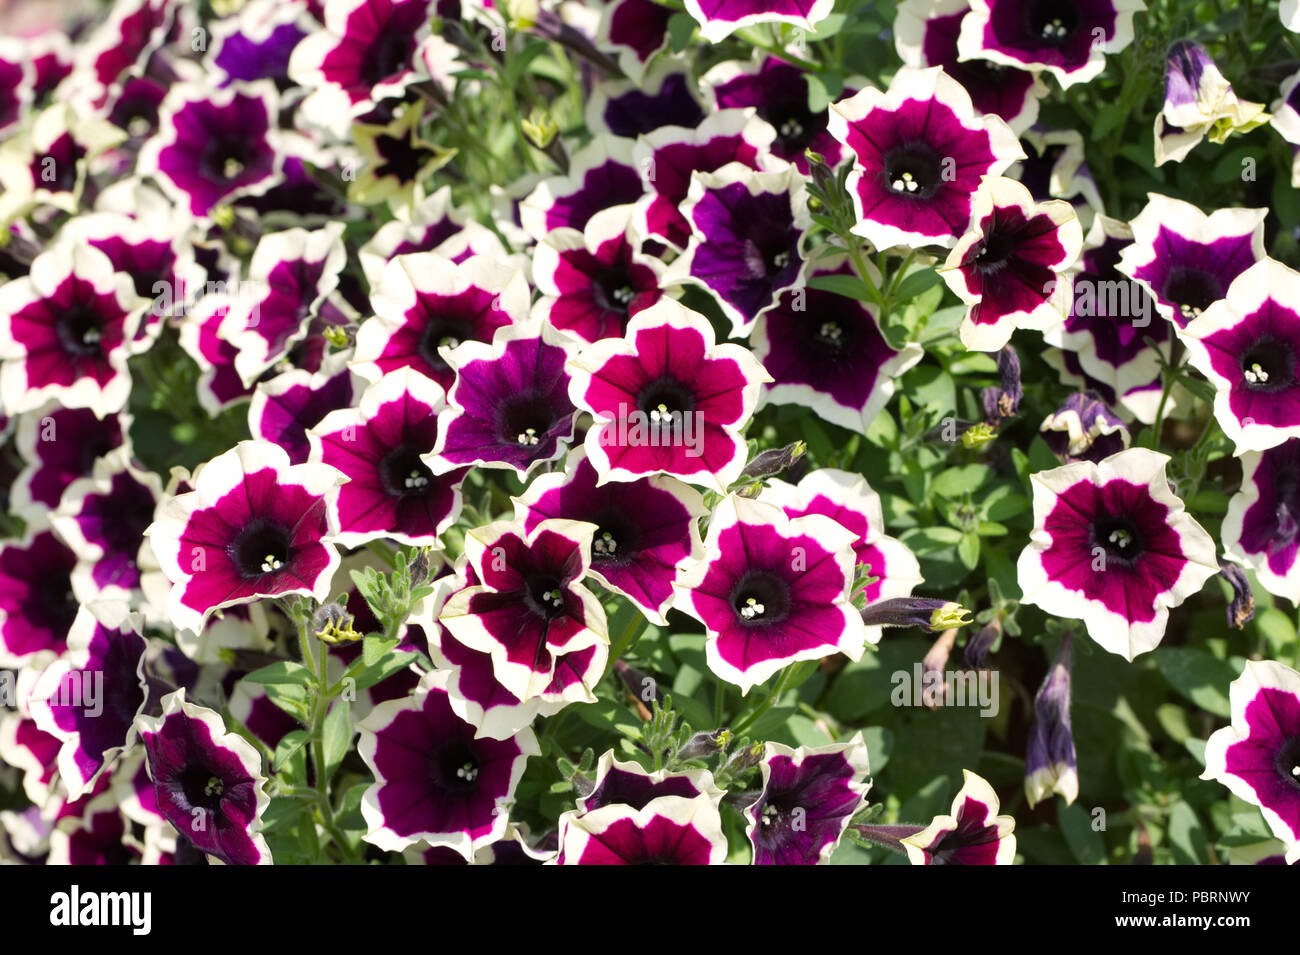 Petunia Cascadia Rim Magenta flowers. - Stock Image